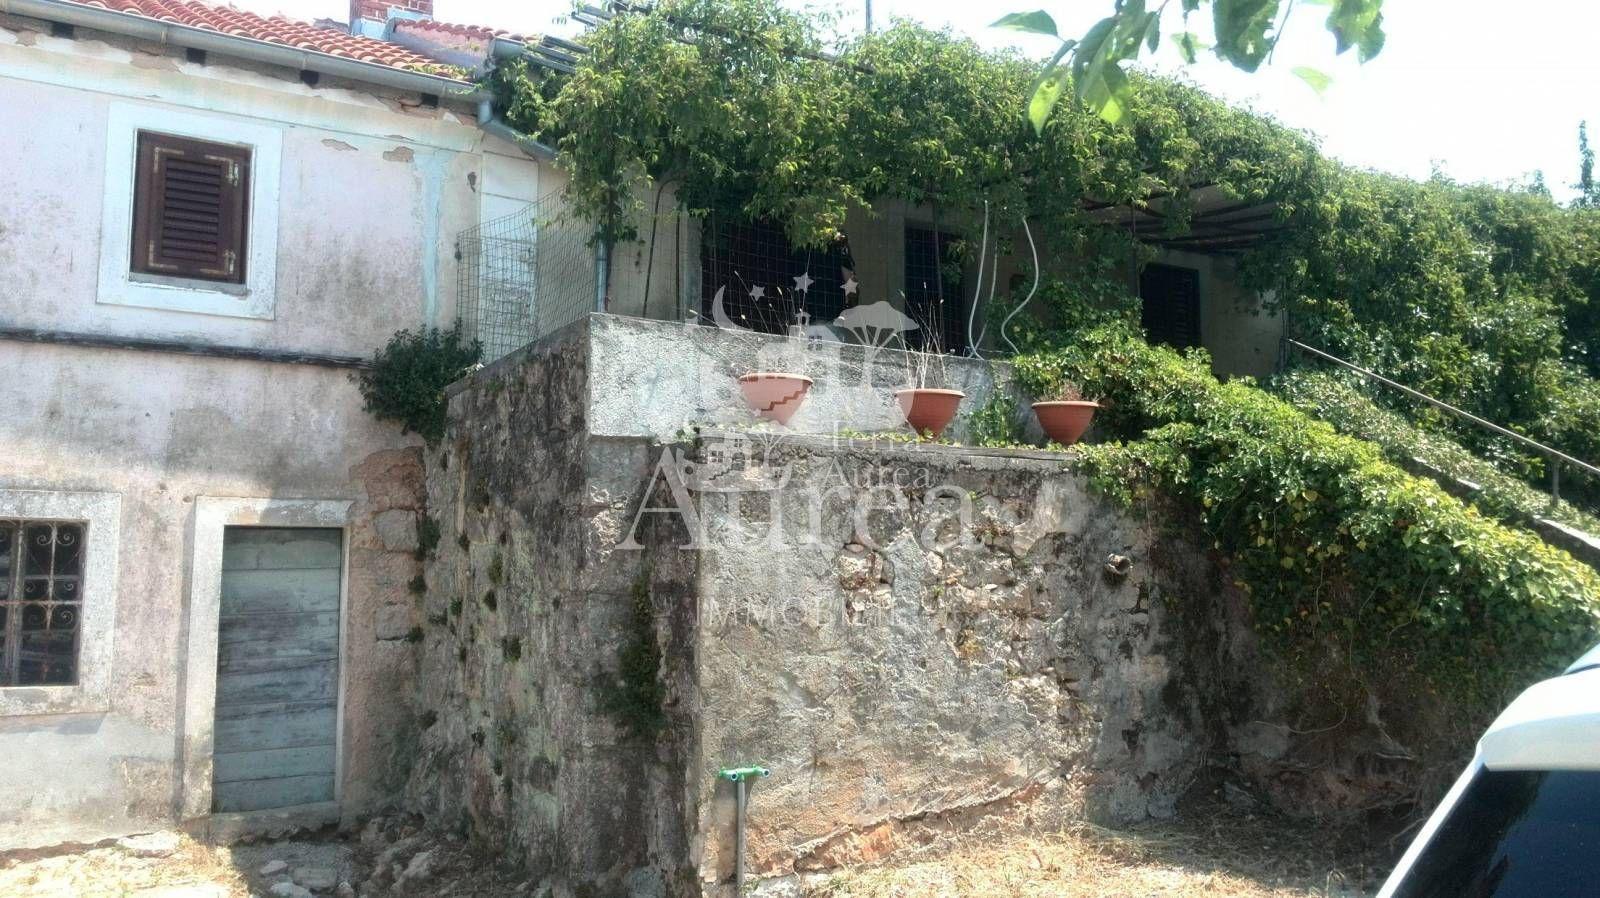 Autohtona stara kamena kuća okružena zelenilom sa velikom okućnicom, Rasopasn...